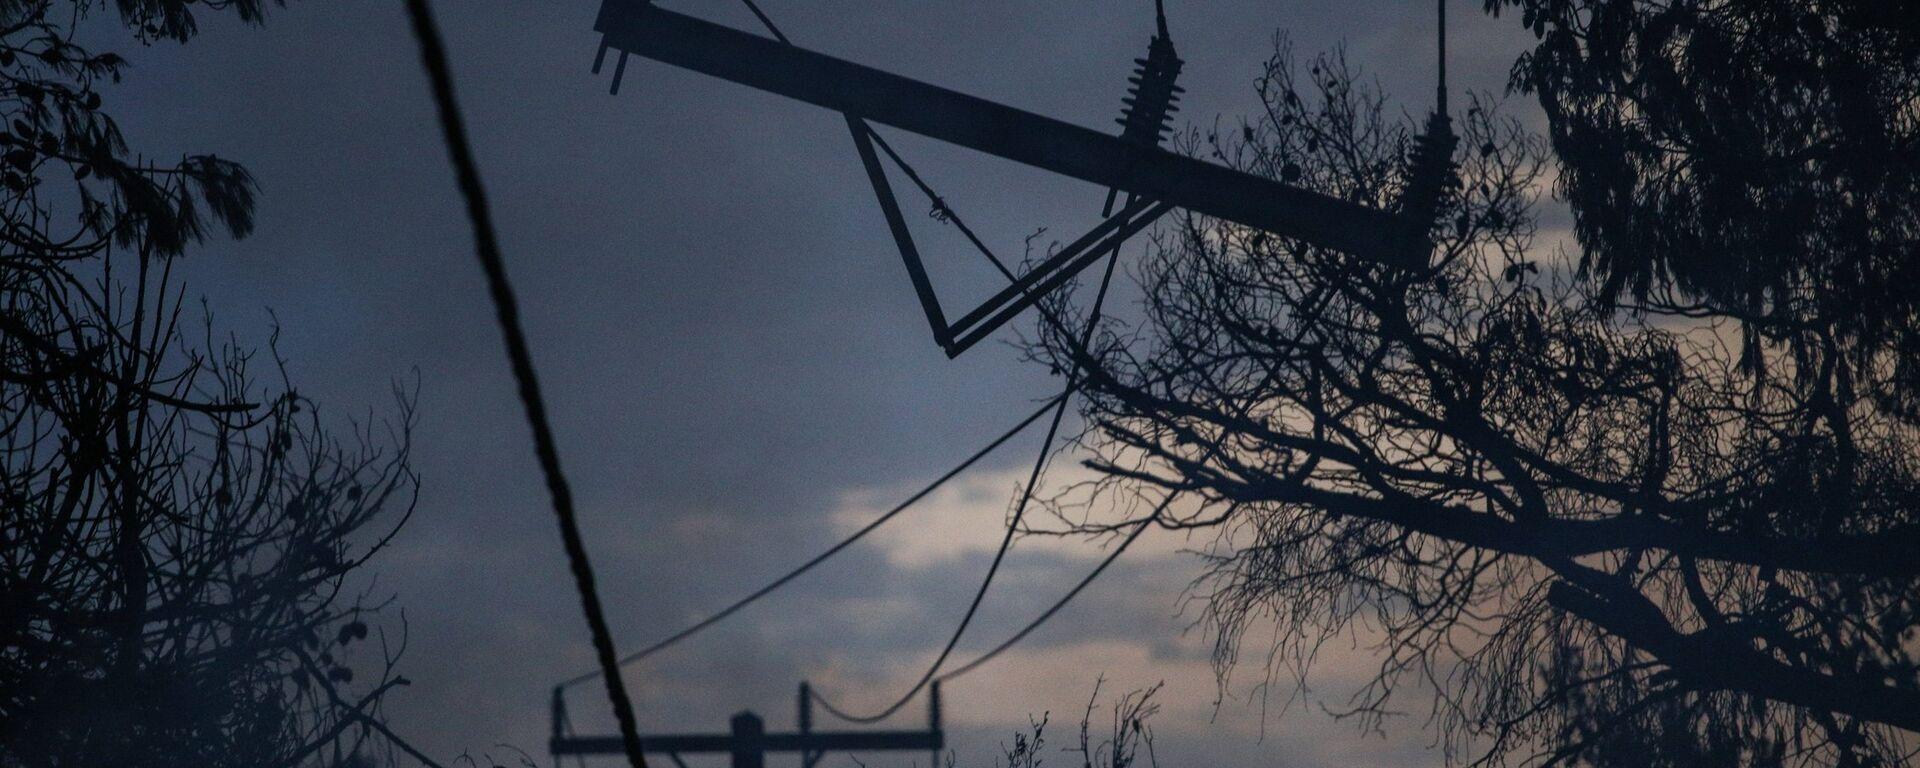 Ζημιές στο ηλεκτρικό δίκτυο της ανατολικής Αττικής  - Sputnik Ελλάδα, 1920, 07.10.2021